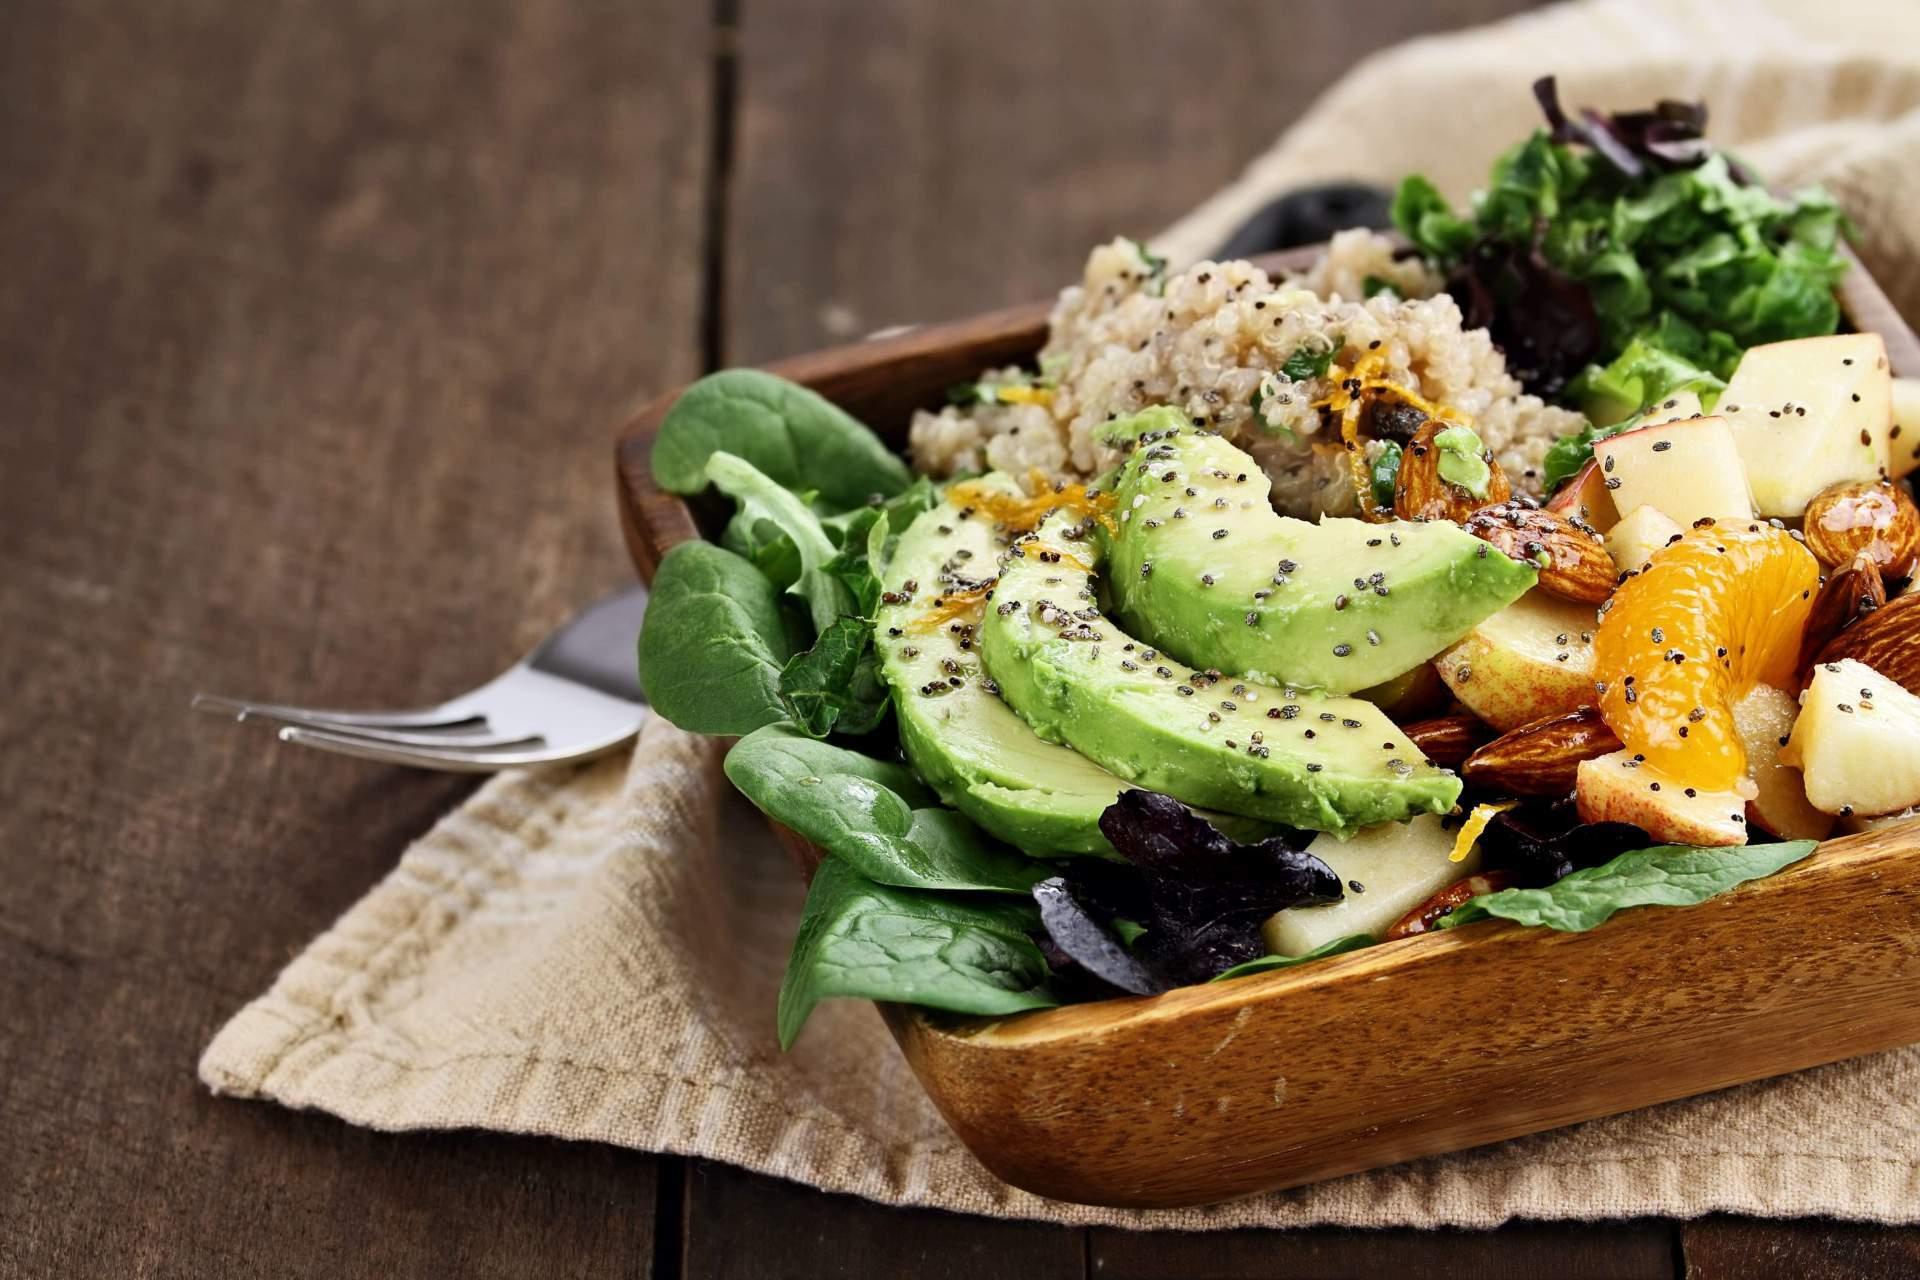 Gesundes Essen einer Ernährungsberatung